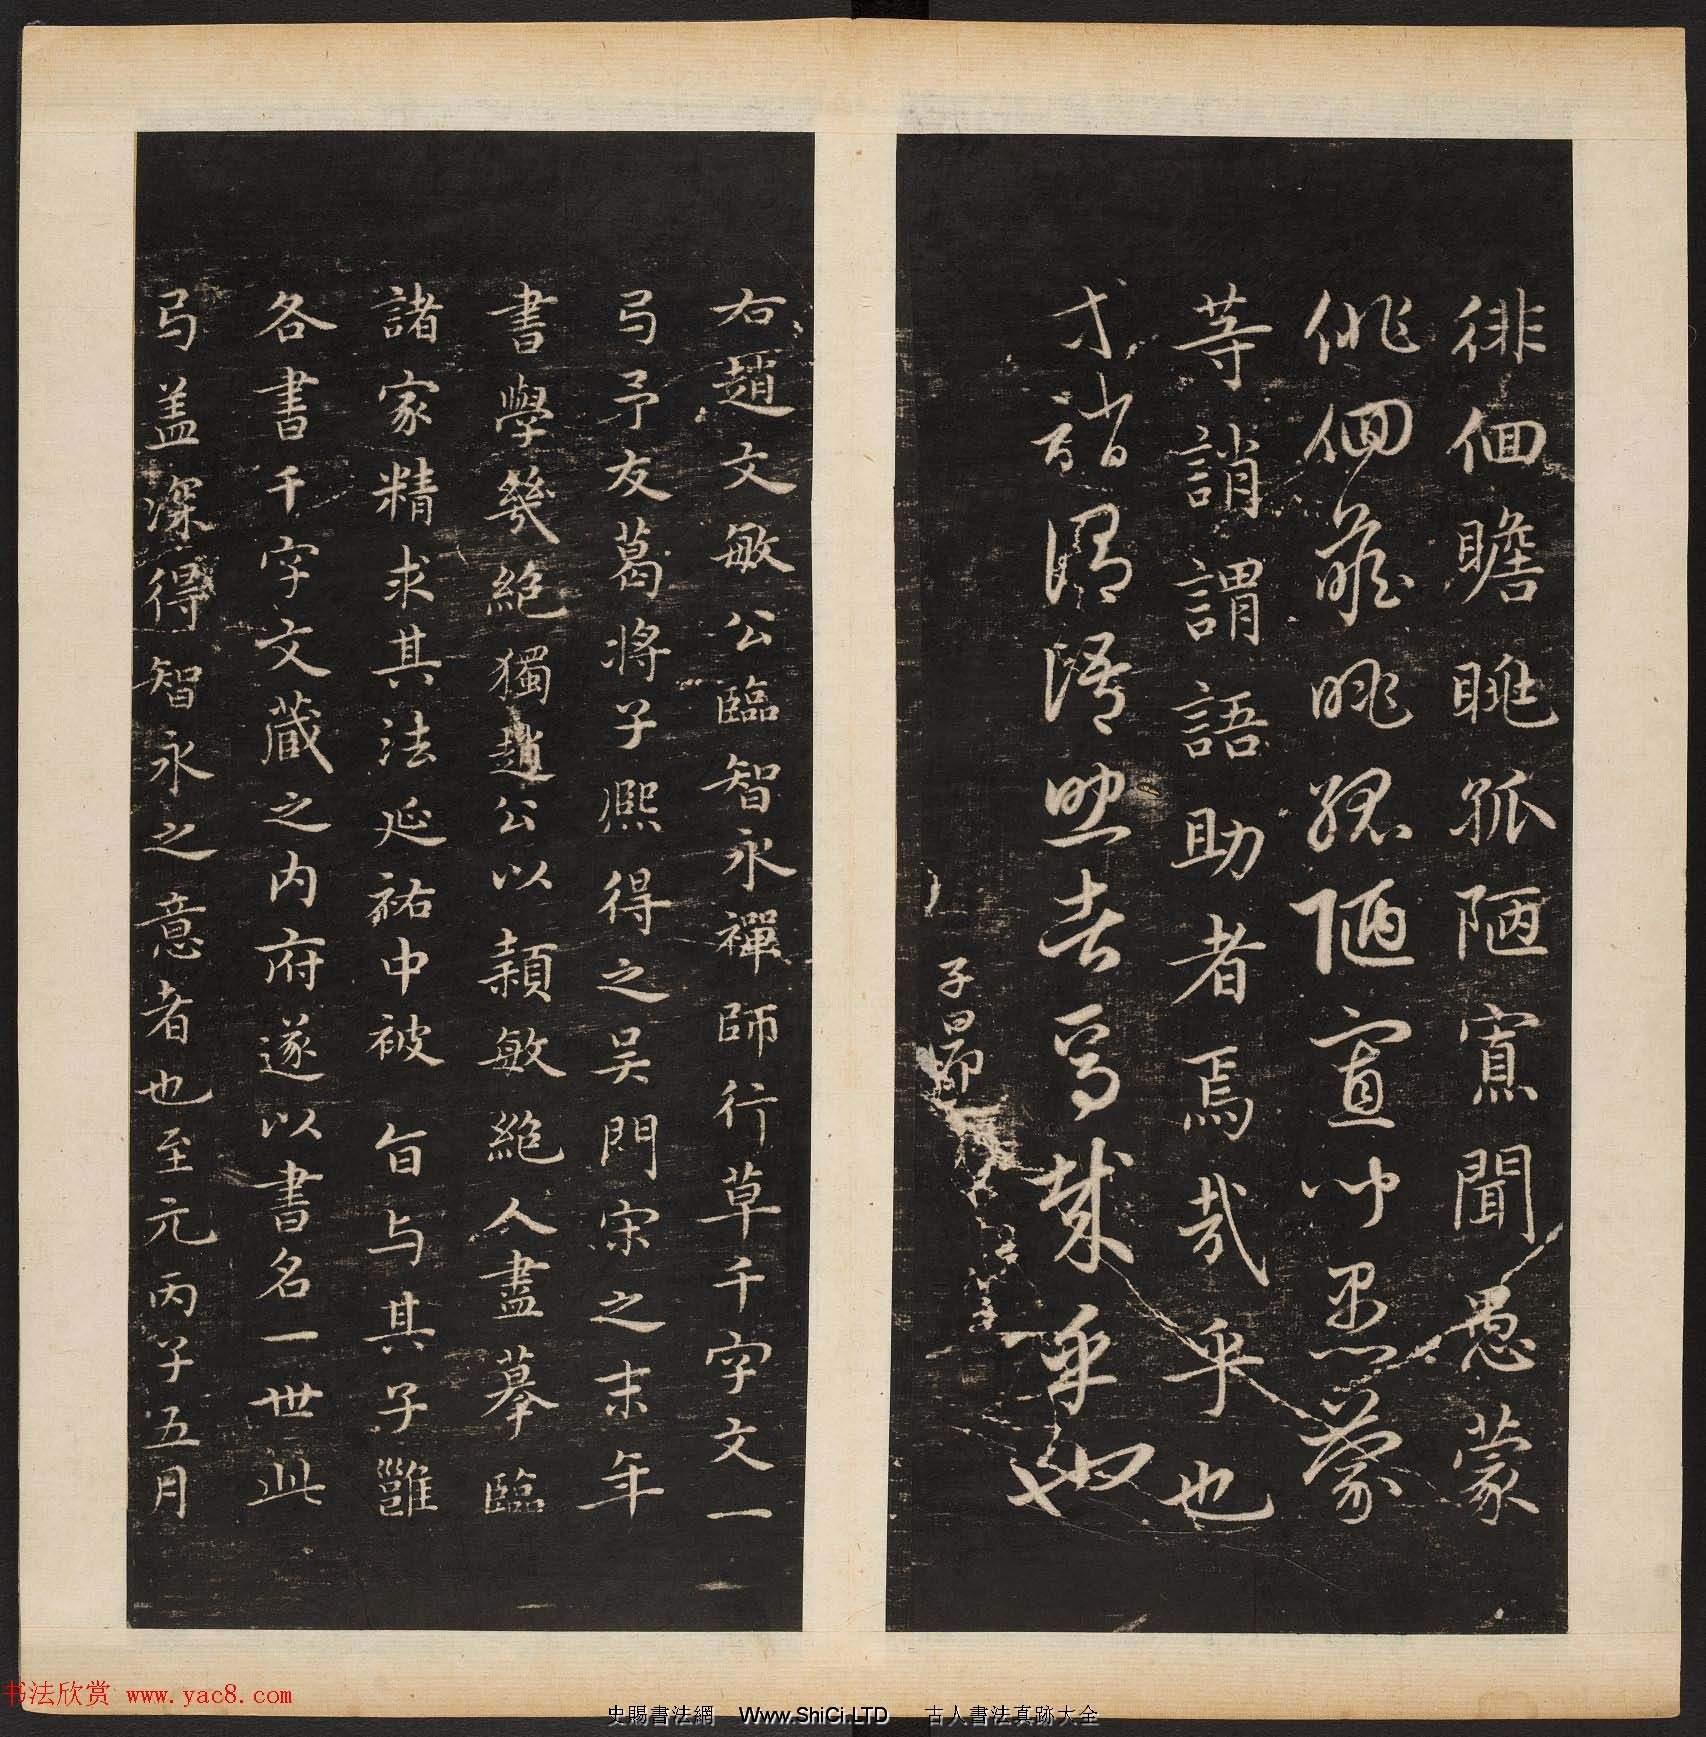 趙孟俯書法專集《渤海藏真帖》第七八冊合輯